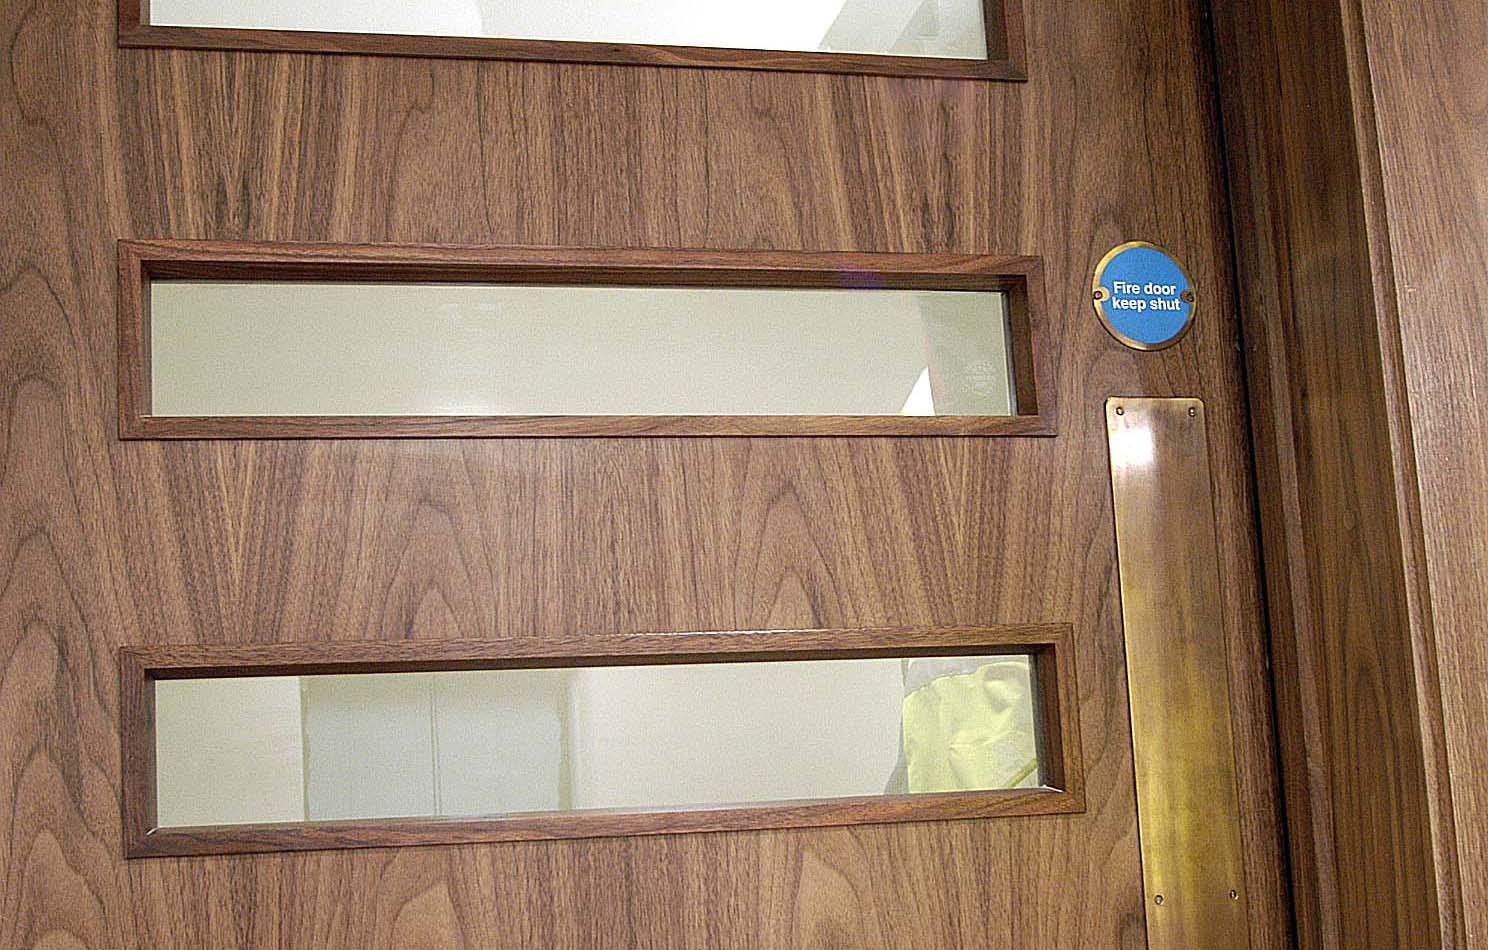 Fire Doors Hazlin Of Ludlow Ltd